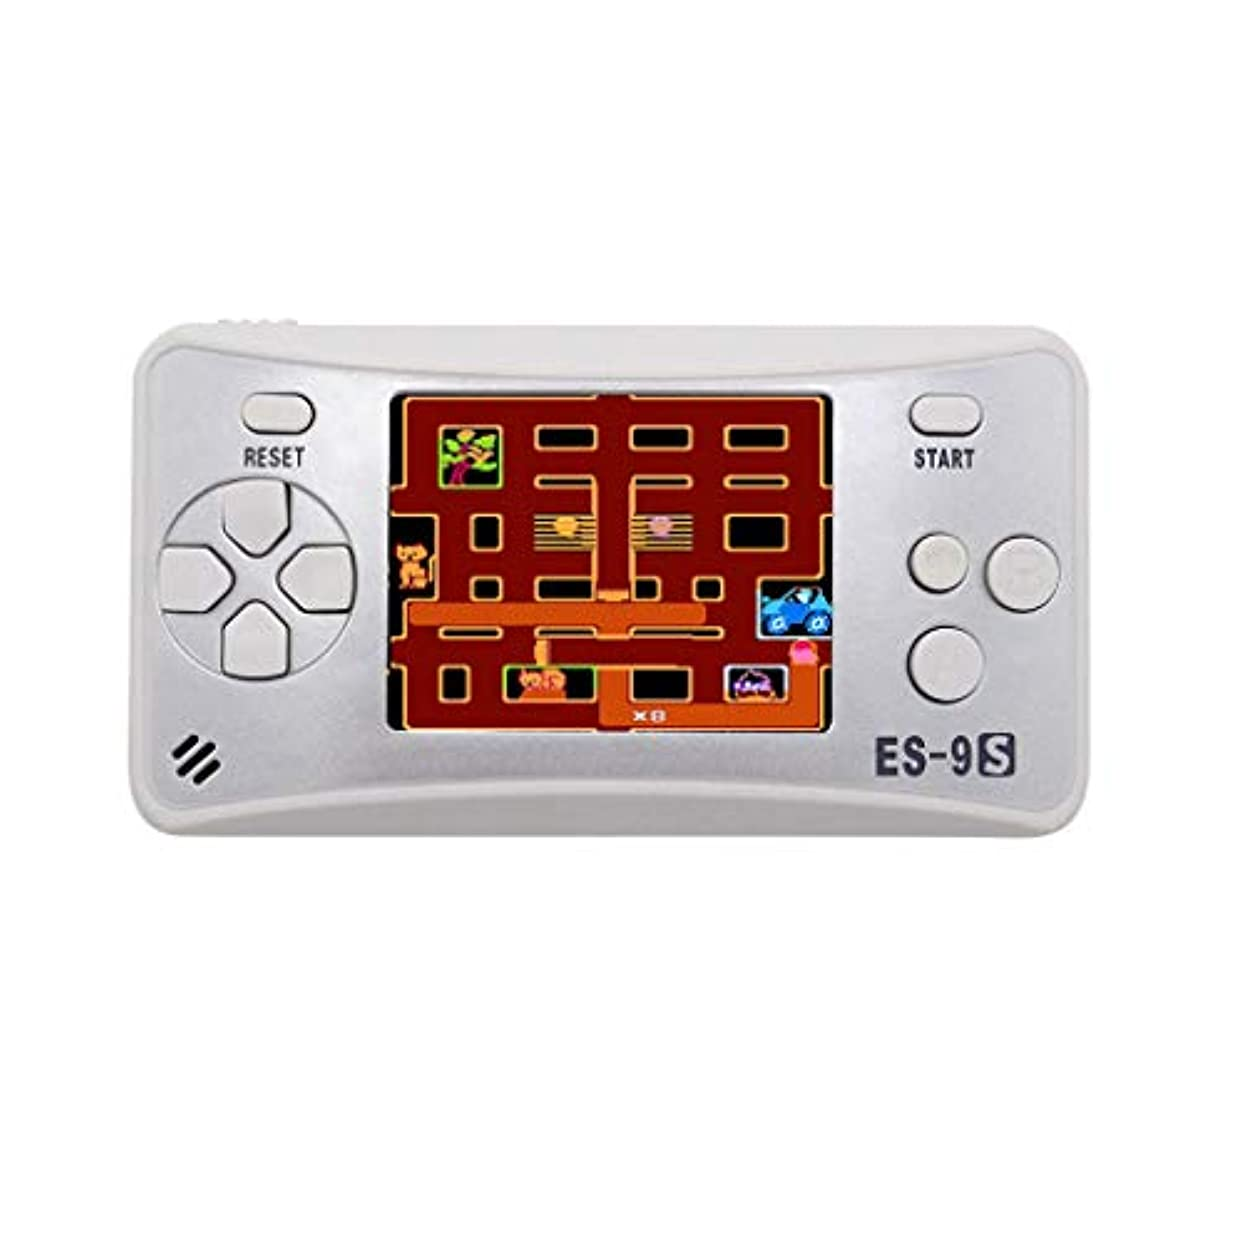 眉をひそめる通知不健康携帯ゲーム機 2.5インチ アーケードゲーム ハンドヘルド ビデオ ゲーム コンソール 内蔵168クラシックゲーム ゲームプレーヤー サポートTVプレイhuajuan